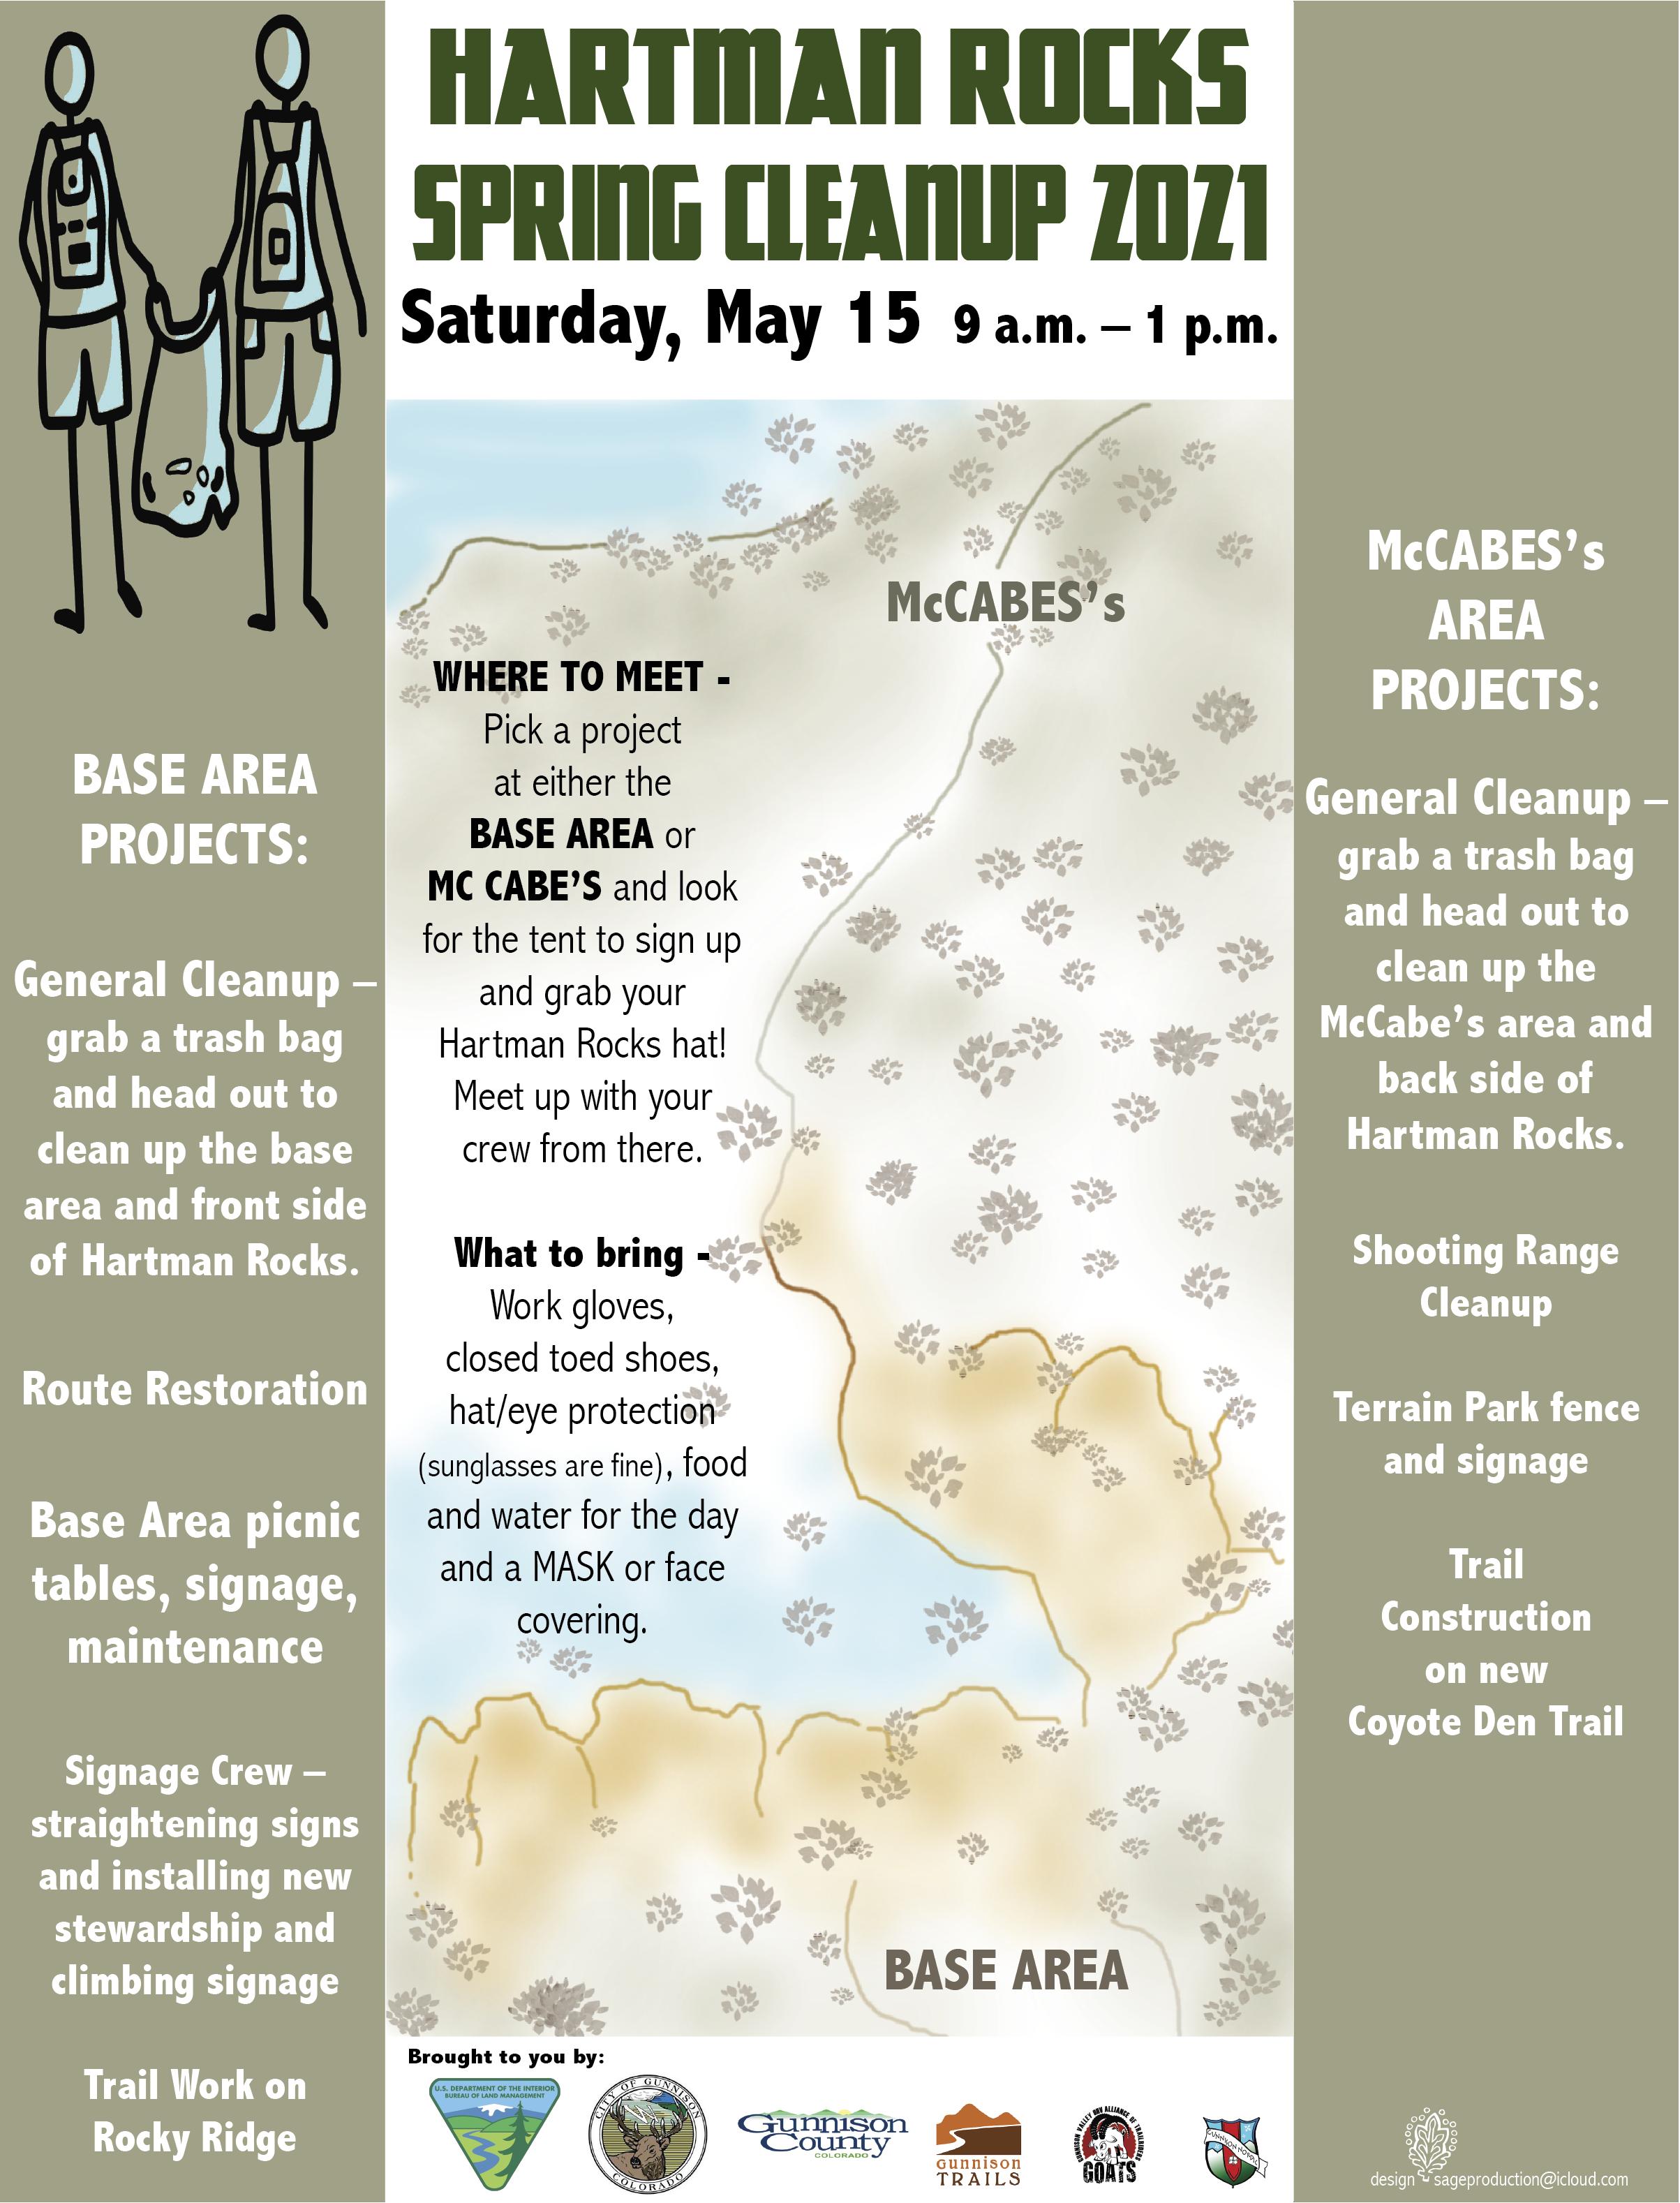 Hartman Rocks Spring Cleanup – May 15